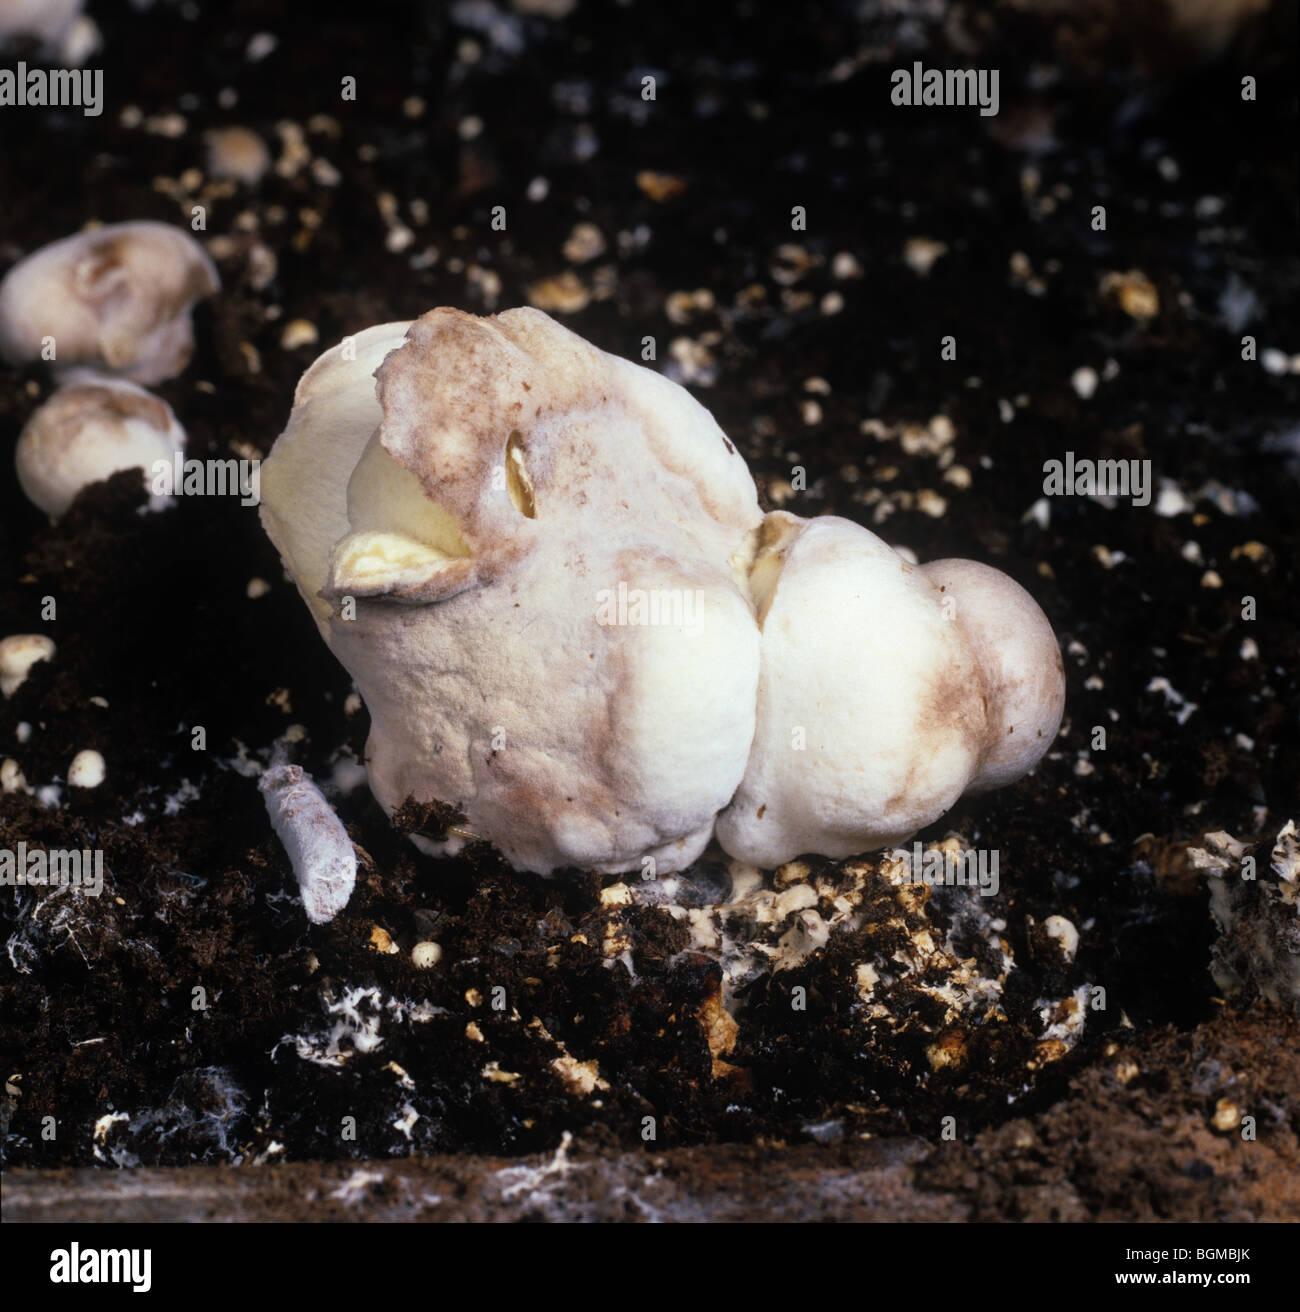 Síntoma de enfermedad burbuja seca (Verticillium fungicola) sobre setas cultivadas comercialmente Imagen De Stock